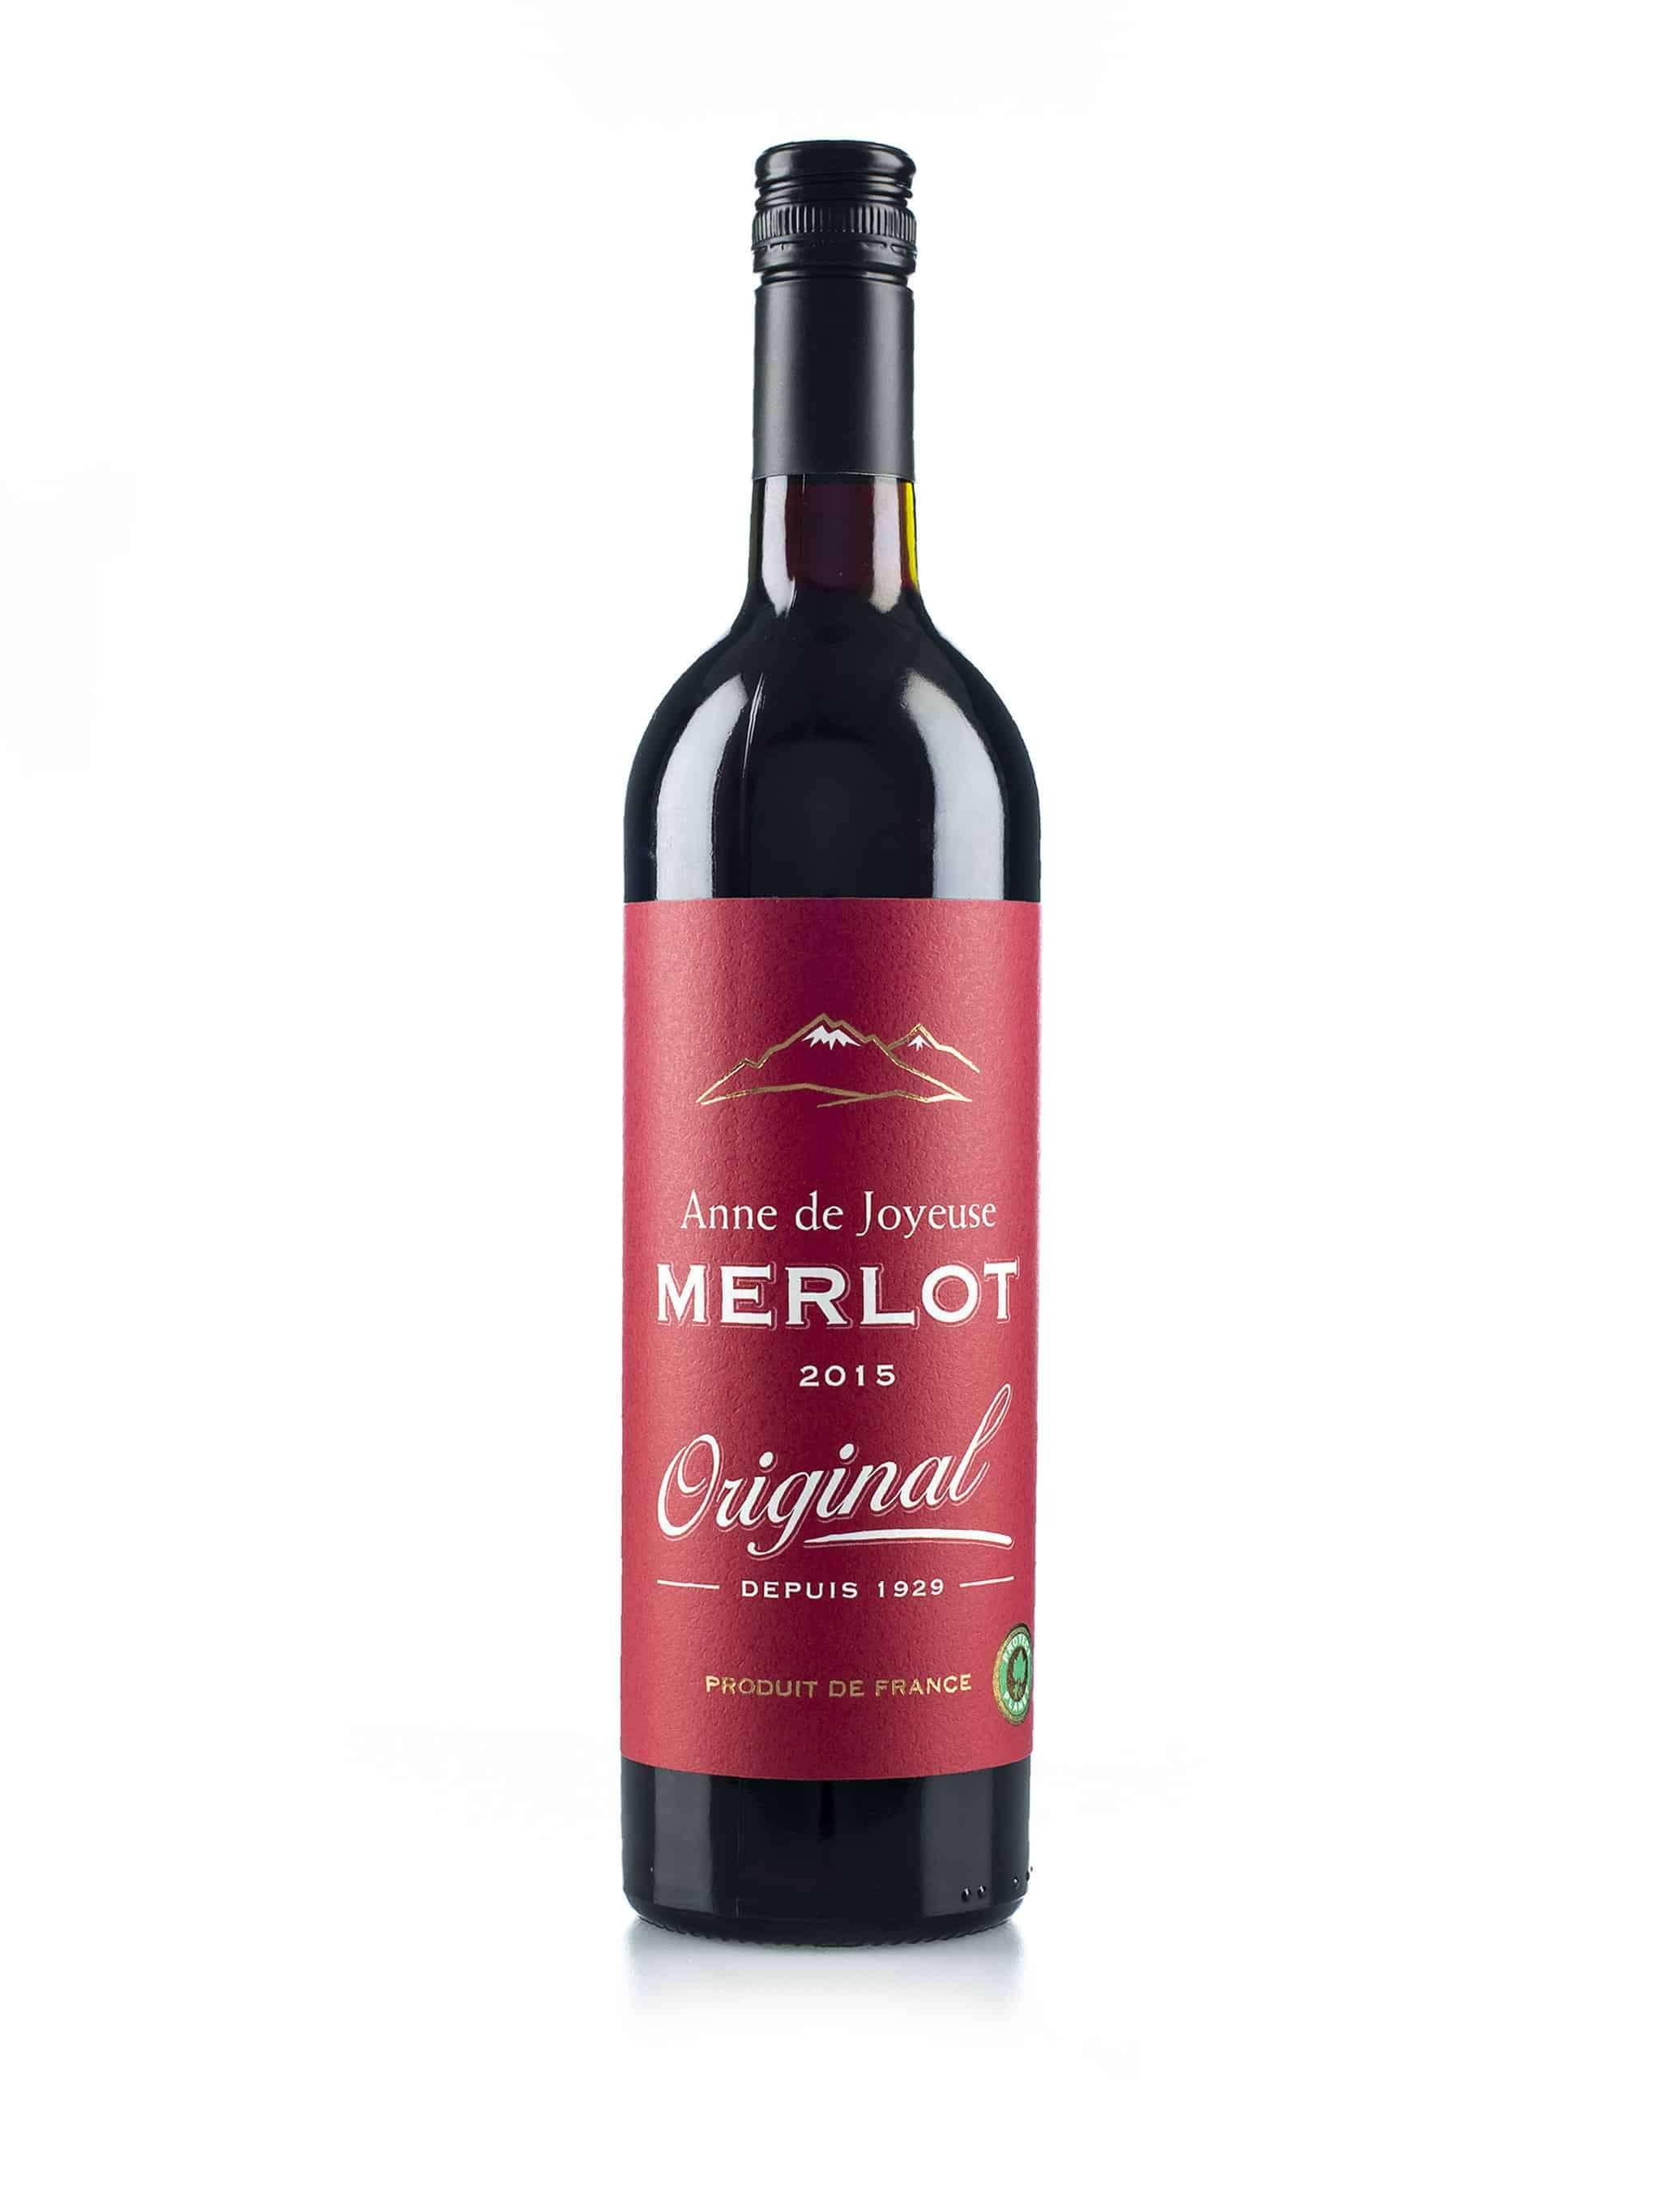 Franse rode wijn van wijndomein Anne de Joyeuse: Merlot 'Original'